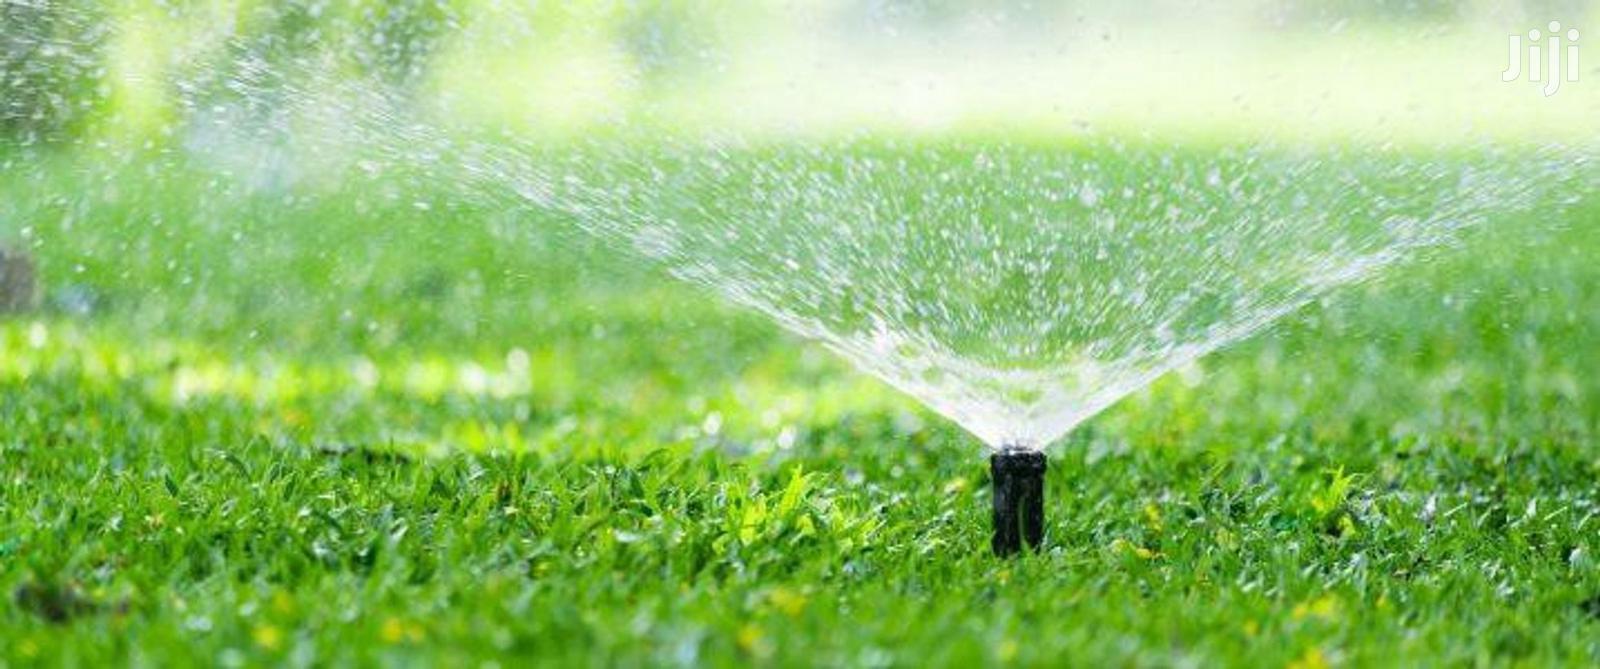 Pop Up Sprinklers In Kenya